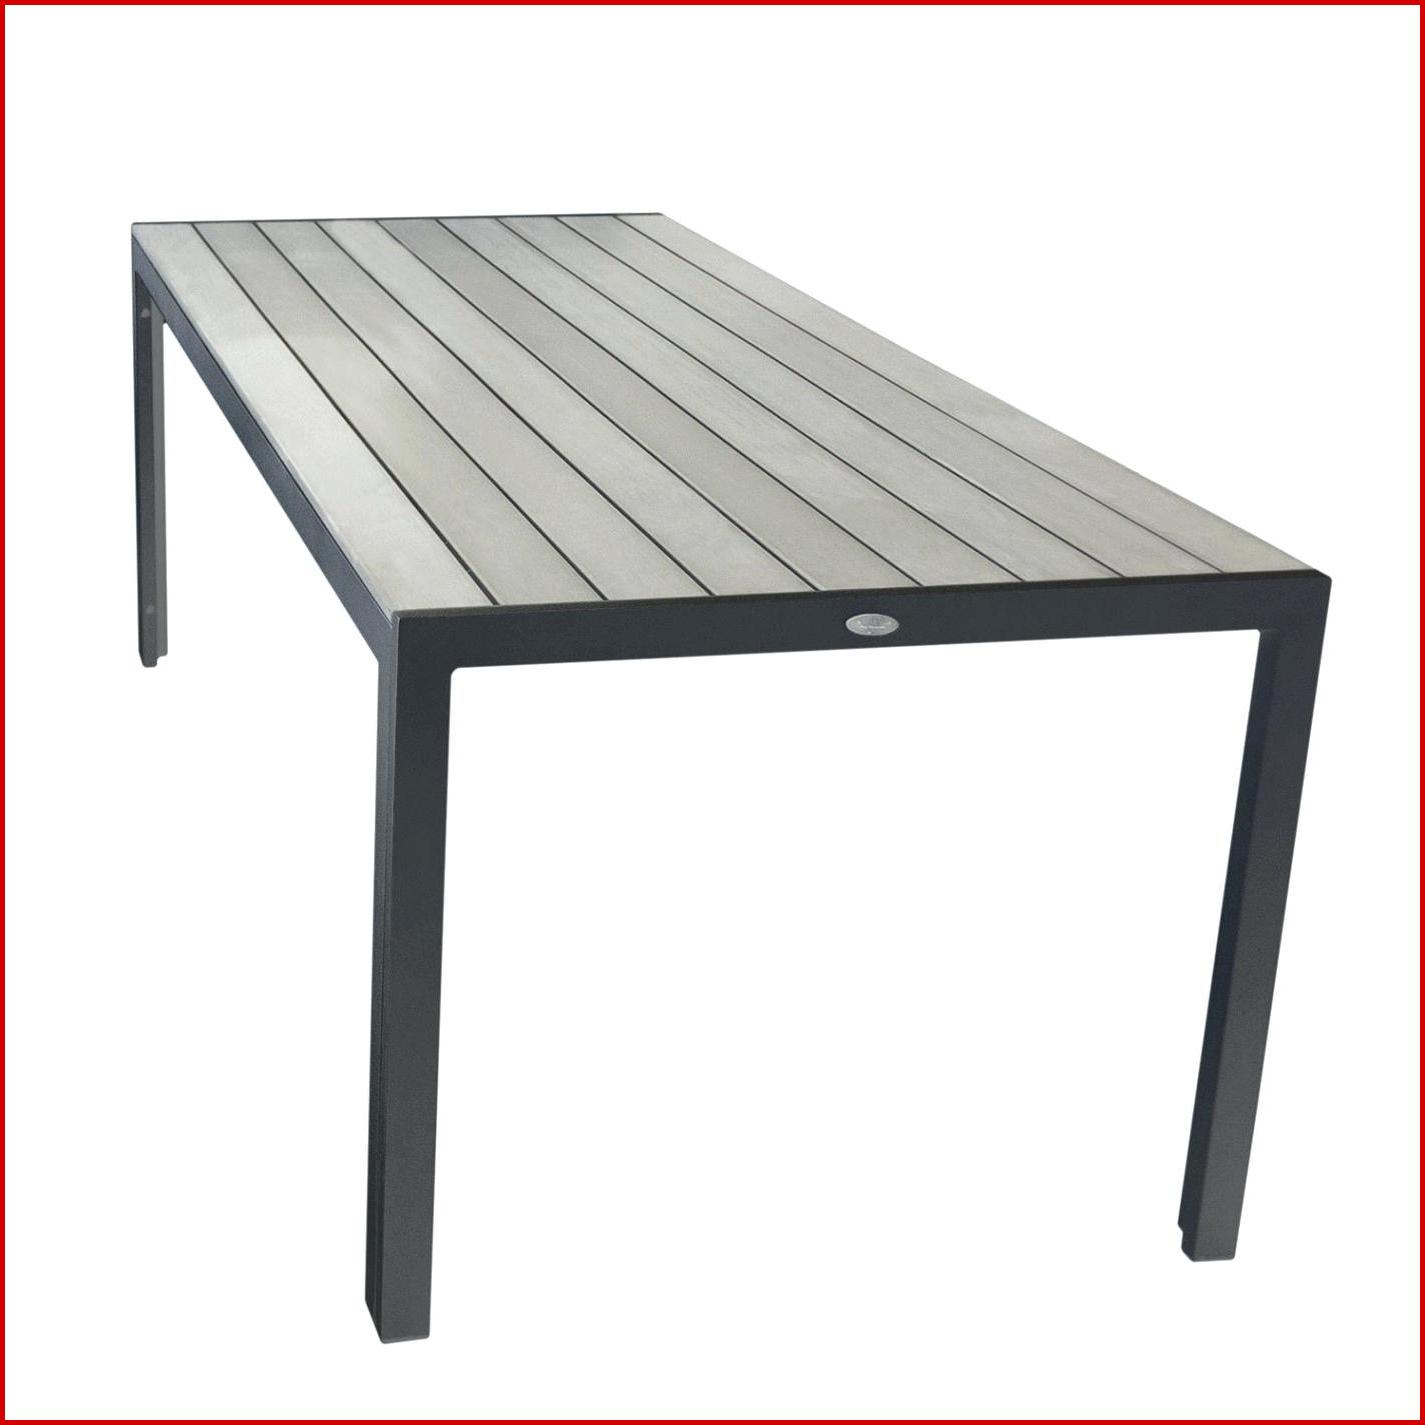 Full Size of Balkontisch Ikea Klappbar Klapptisch 2020 04 18 Ausklappbares Bett Ausklappbar Wohnzimmer Balkontisch Klappbar